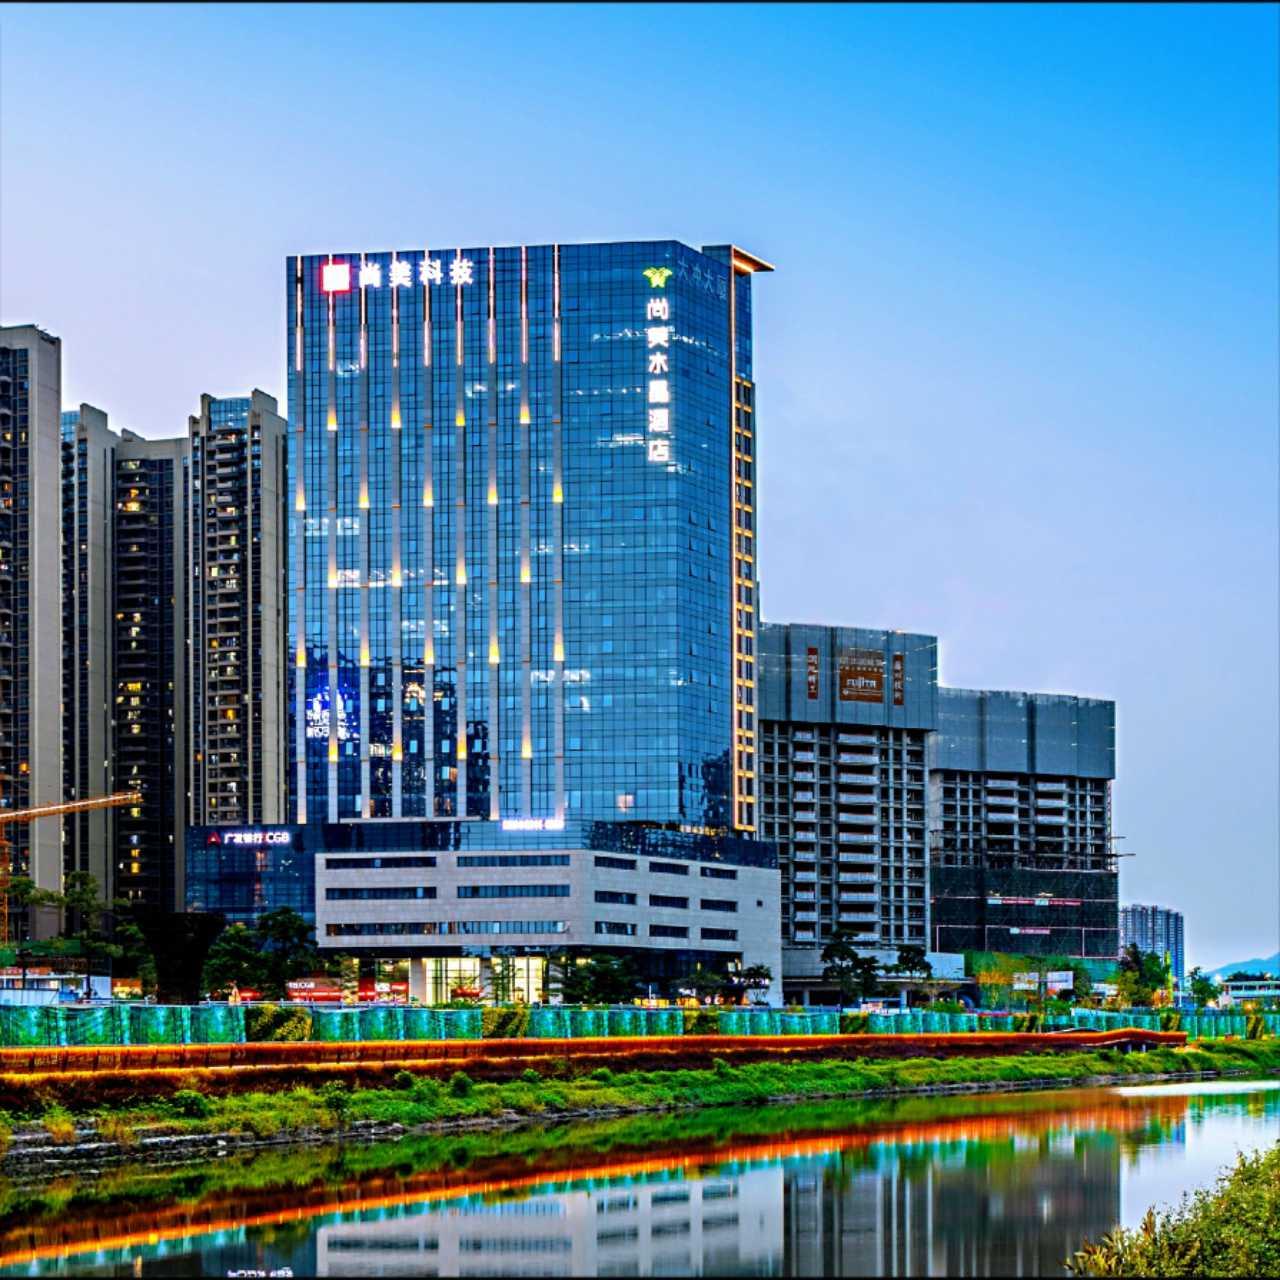 南山 尚美科技大厦 136平 无敌景观 高档精装写字楼出租